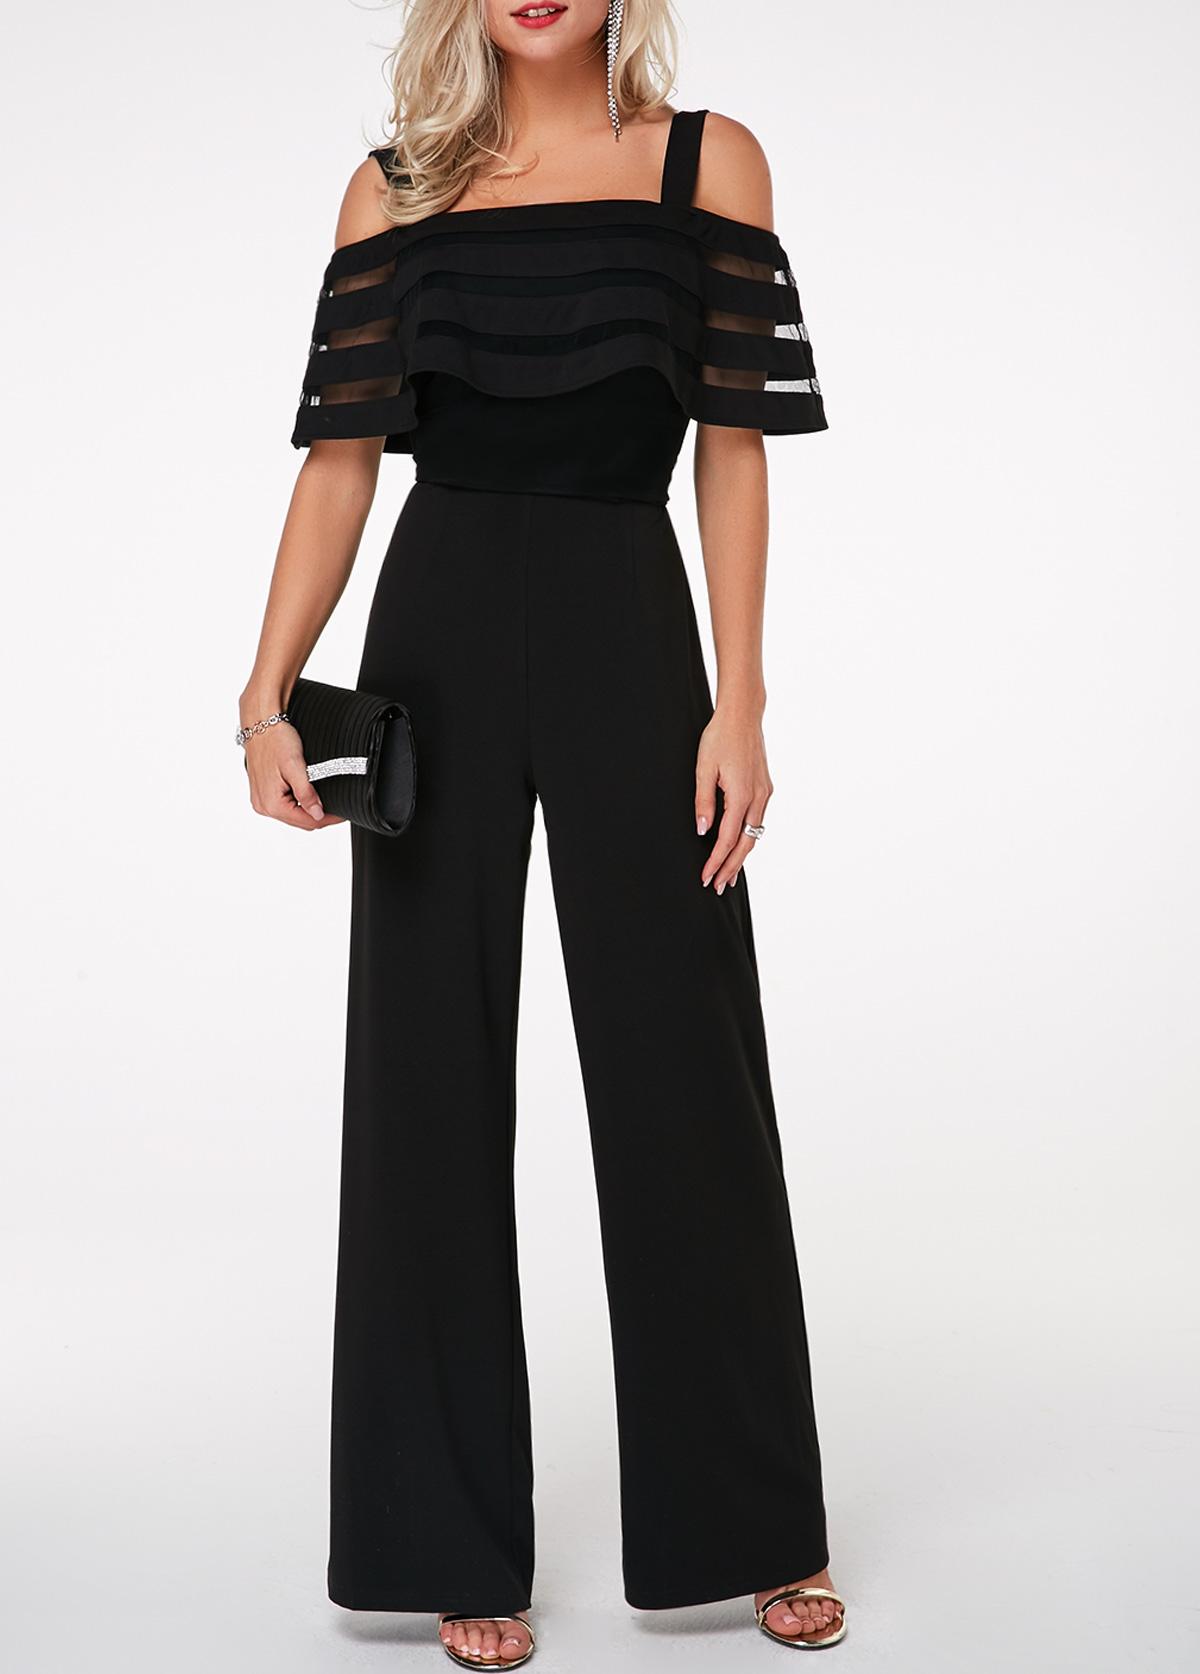 Strappy Cold Shoulder Overlay Embellished Black Jumpsuit